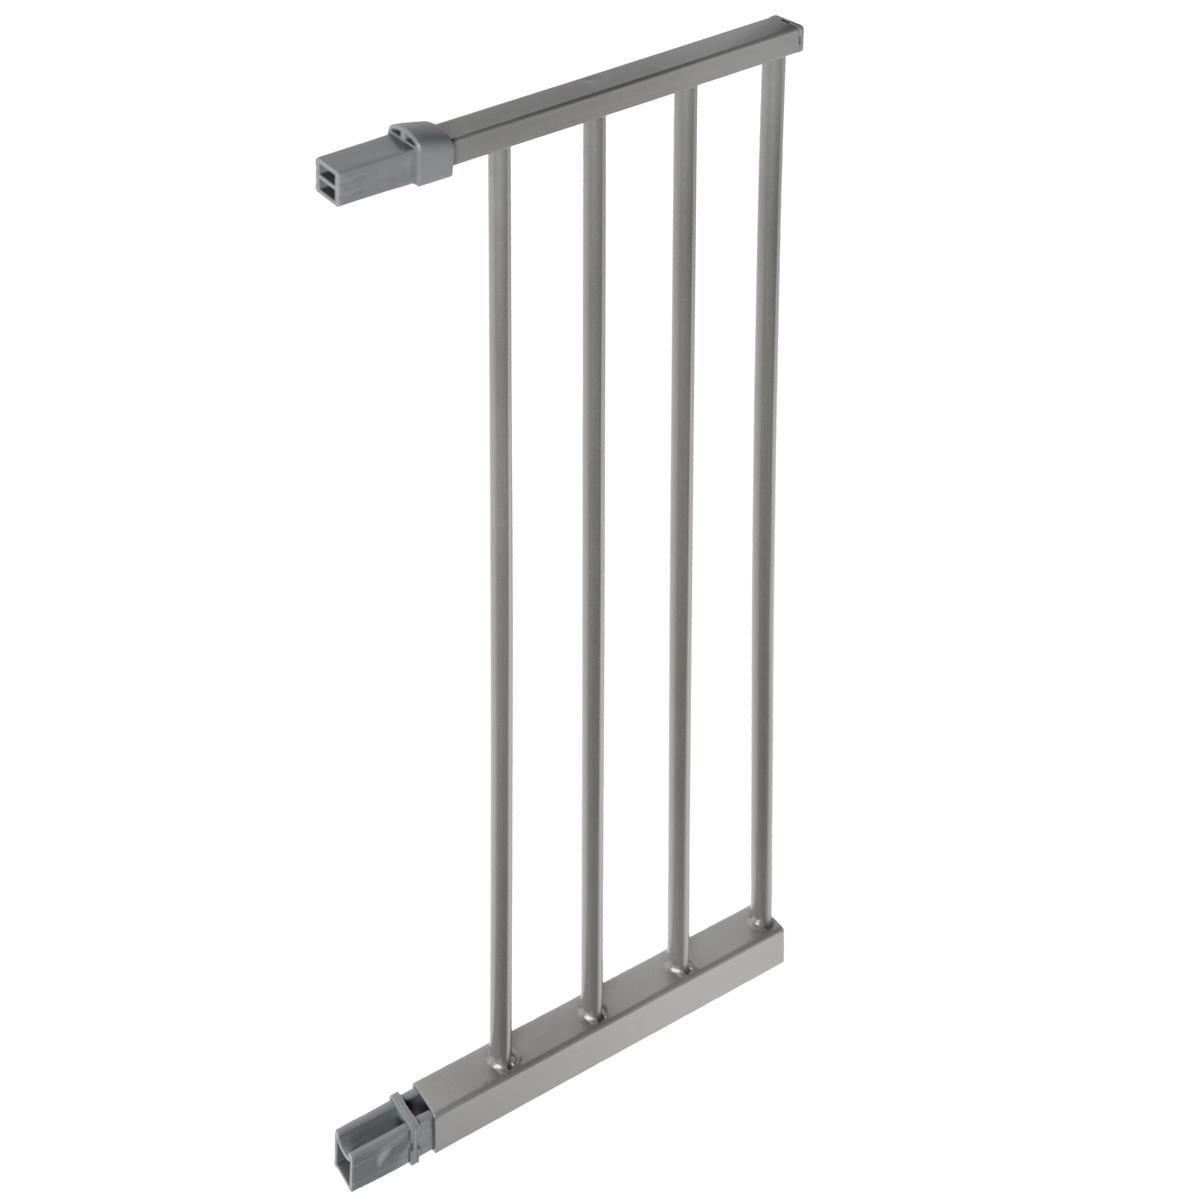 """Дополнительная секция к защитным воротам Lindam """"Sure Shut"""", выполненная из металла серебристого цвета подходят к Lindam """"Sure Shut Deco"""" 75-82 см. Дополнительная секция позволяет увеличить ширину ворот на 28 см. С каждой стороны ворот можно устанавливать по 2 дополнительных секции и даже более, если не уменьшается их устойчивость."""